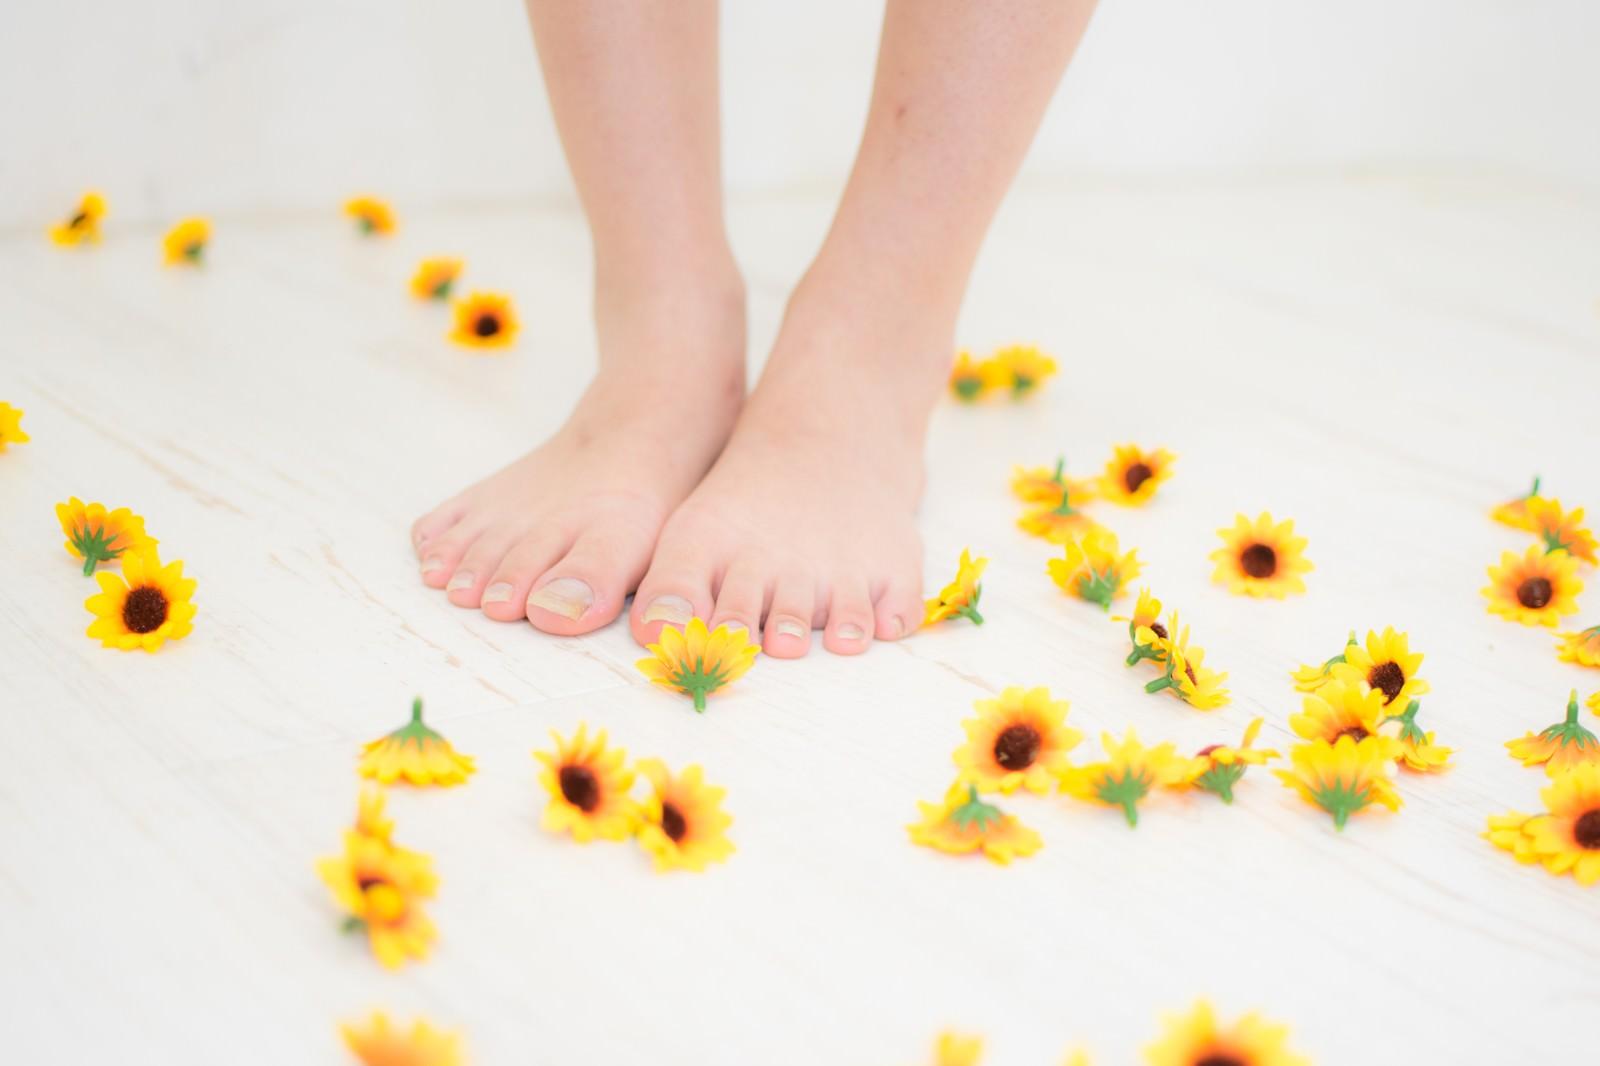 「床に散らばる小さいひまわりのブローチと足元」の写真